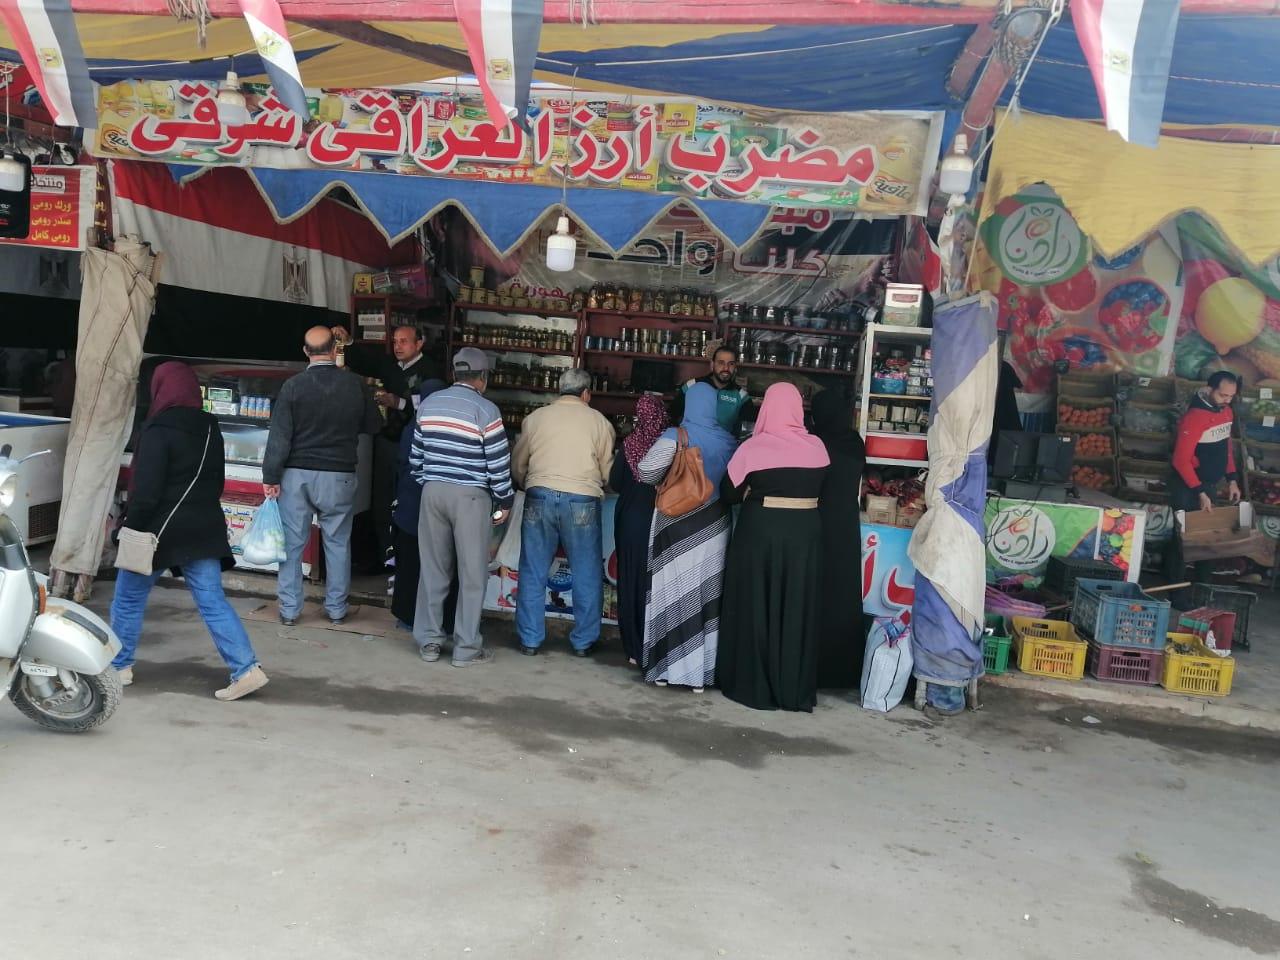 اسواق تحيا مصر للخضر والفاكهة بالغربية (4)